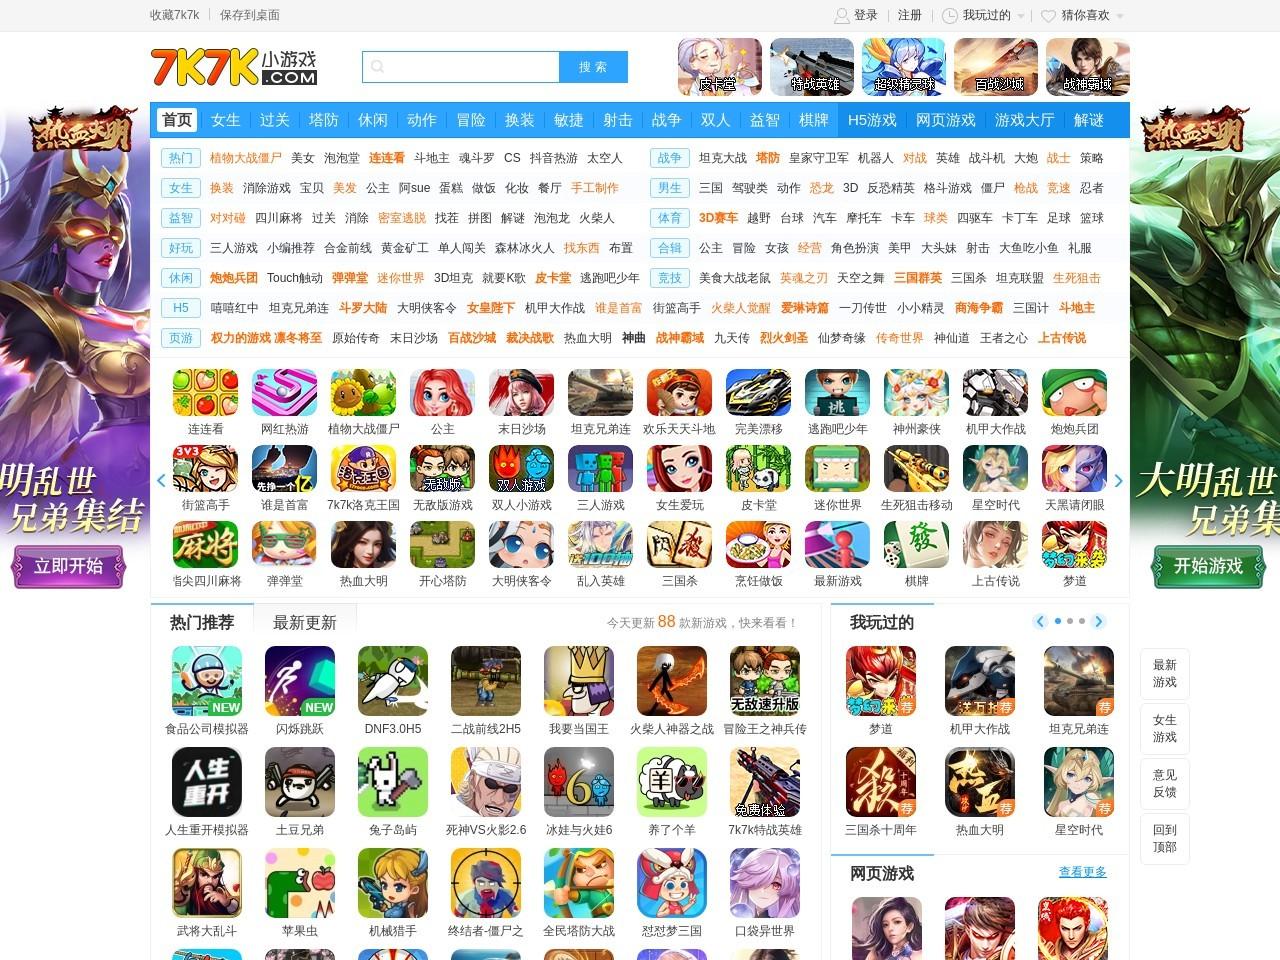 小游戏,7k7k小游戏,小游戏大全,双人小游戏-www.7k